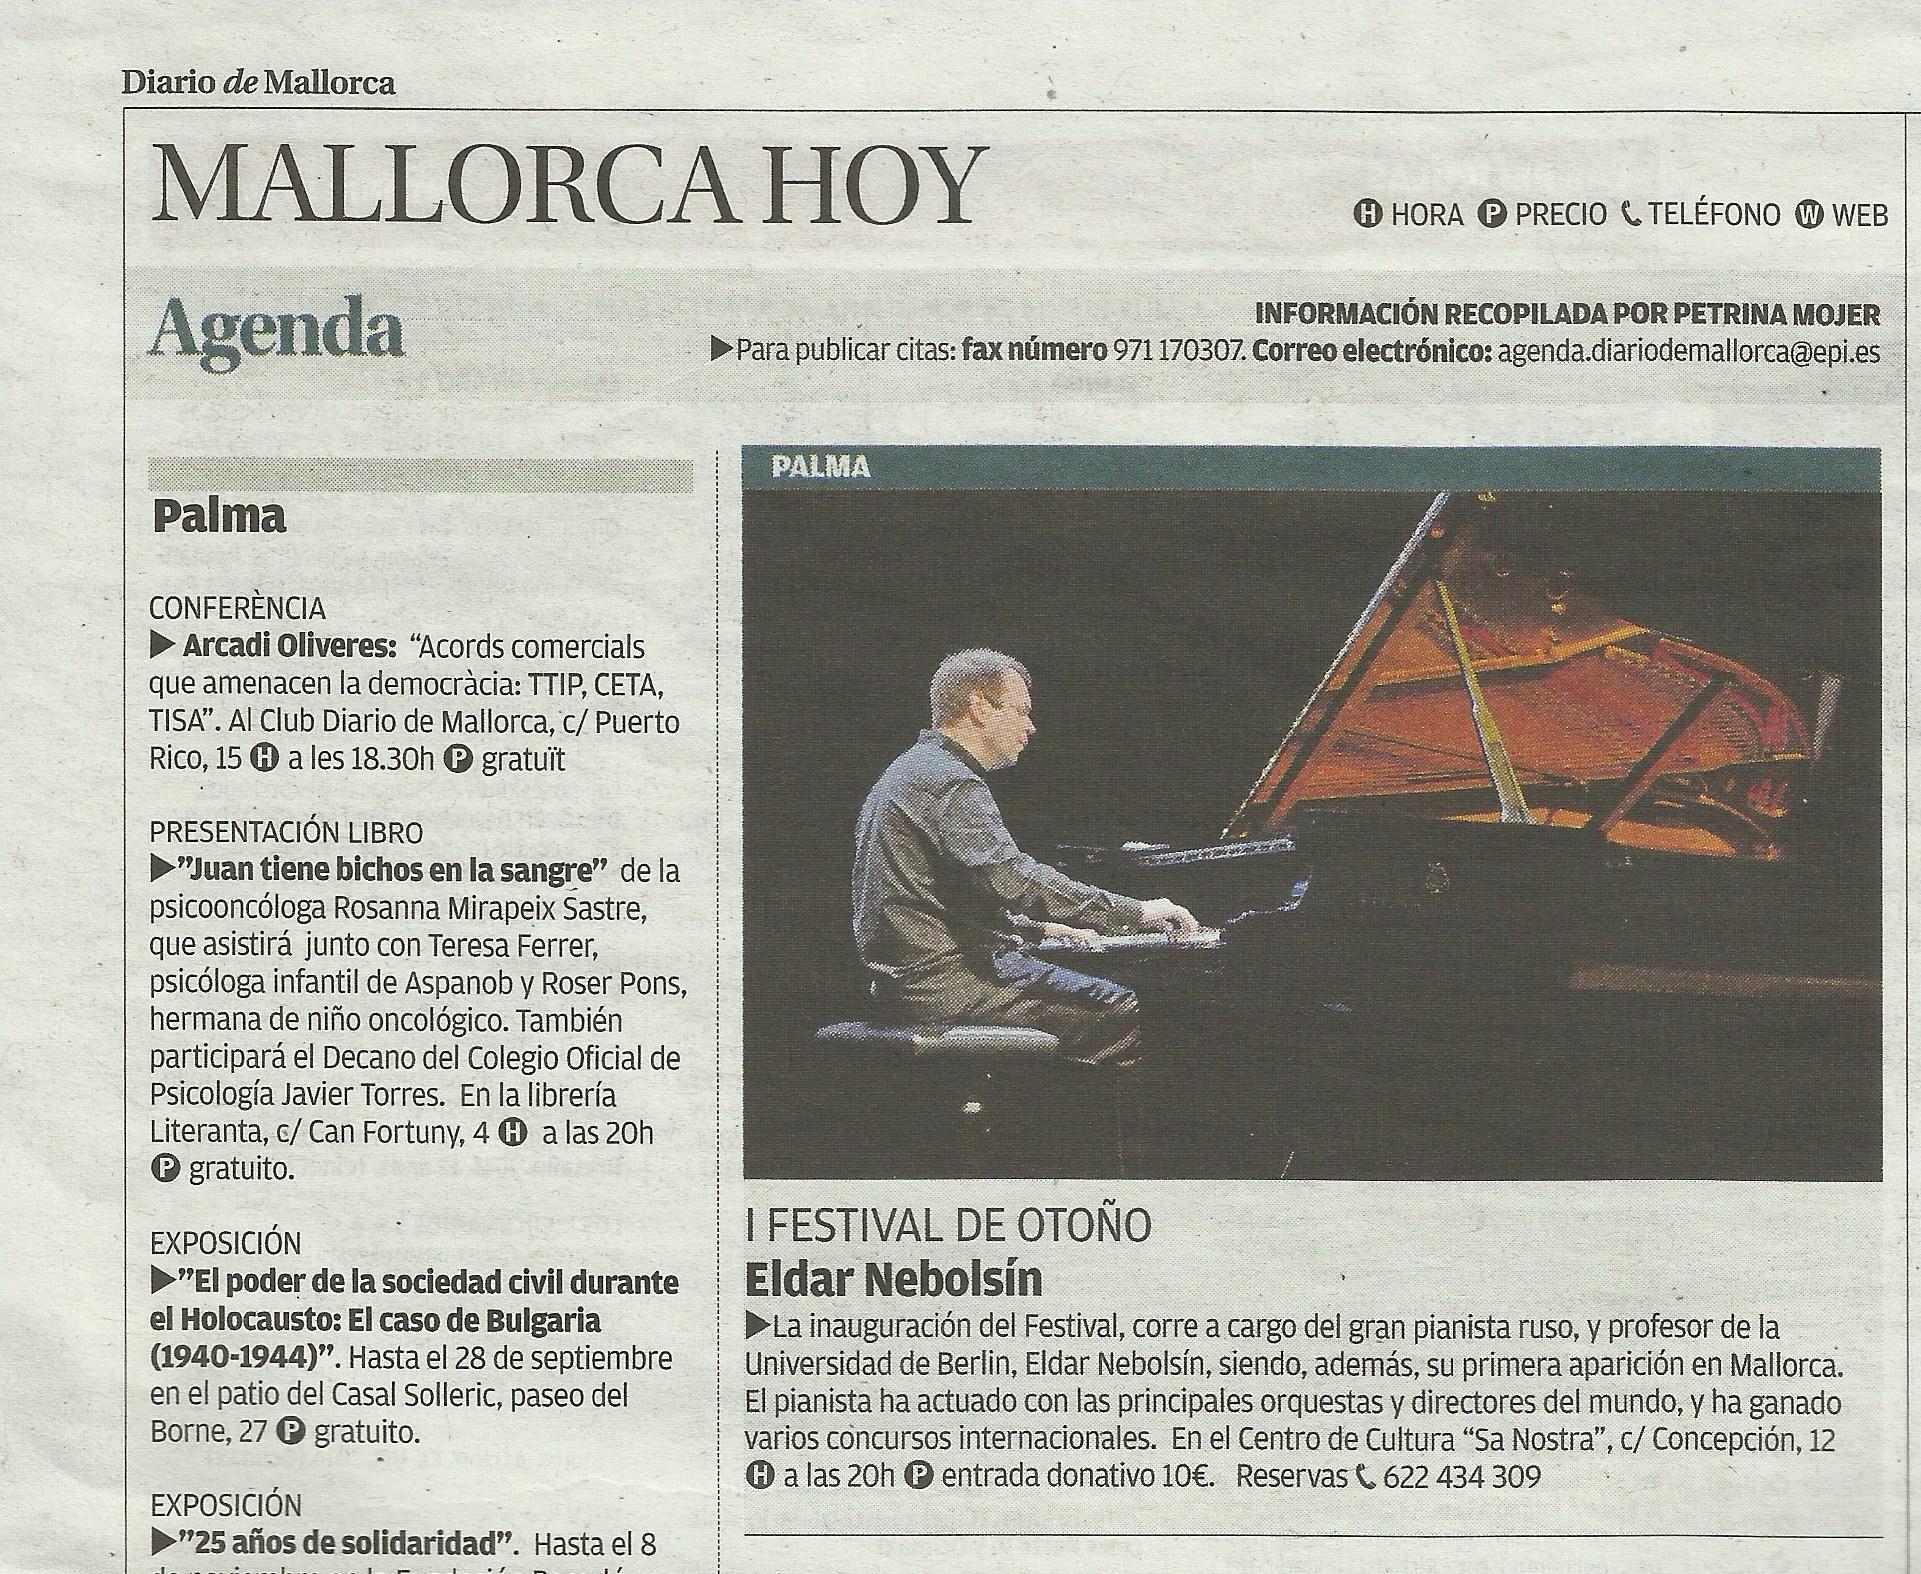 DiarioMallorca 24.09.14